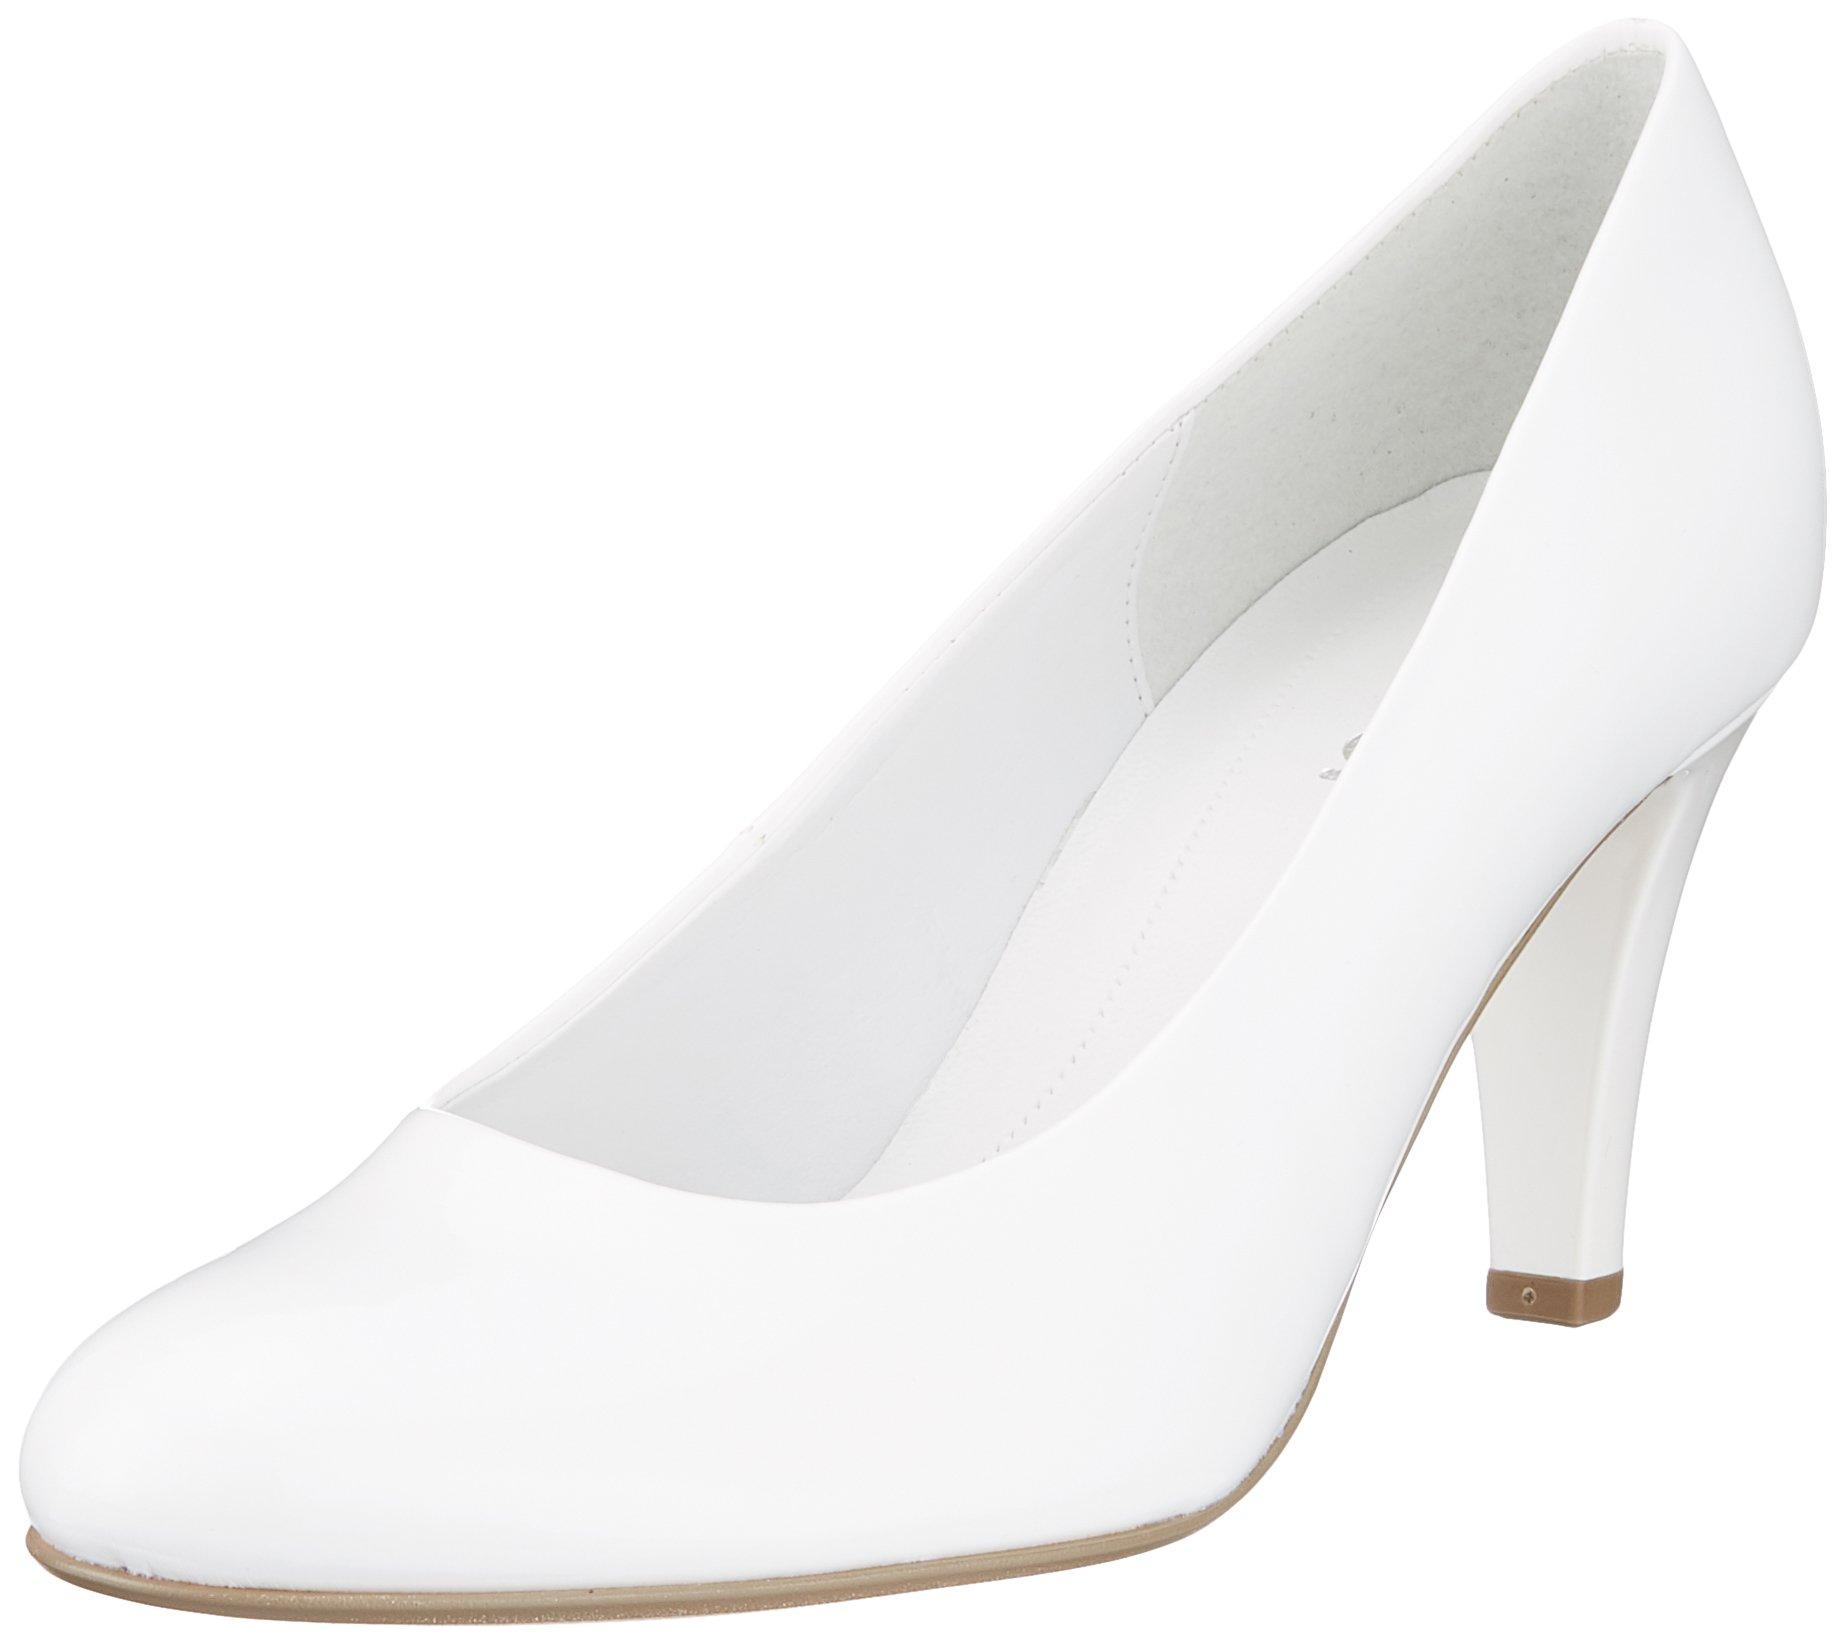 Eu Gabor BasicEscarpins FemmeBlancweiss Shoes absatz41 QdCeWoBErx